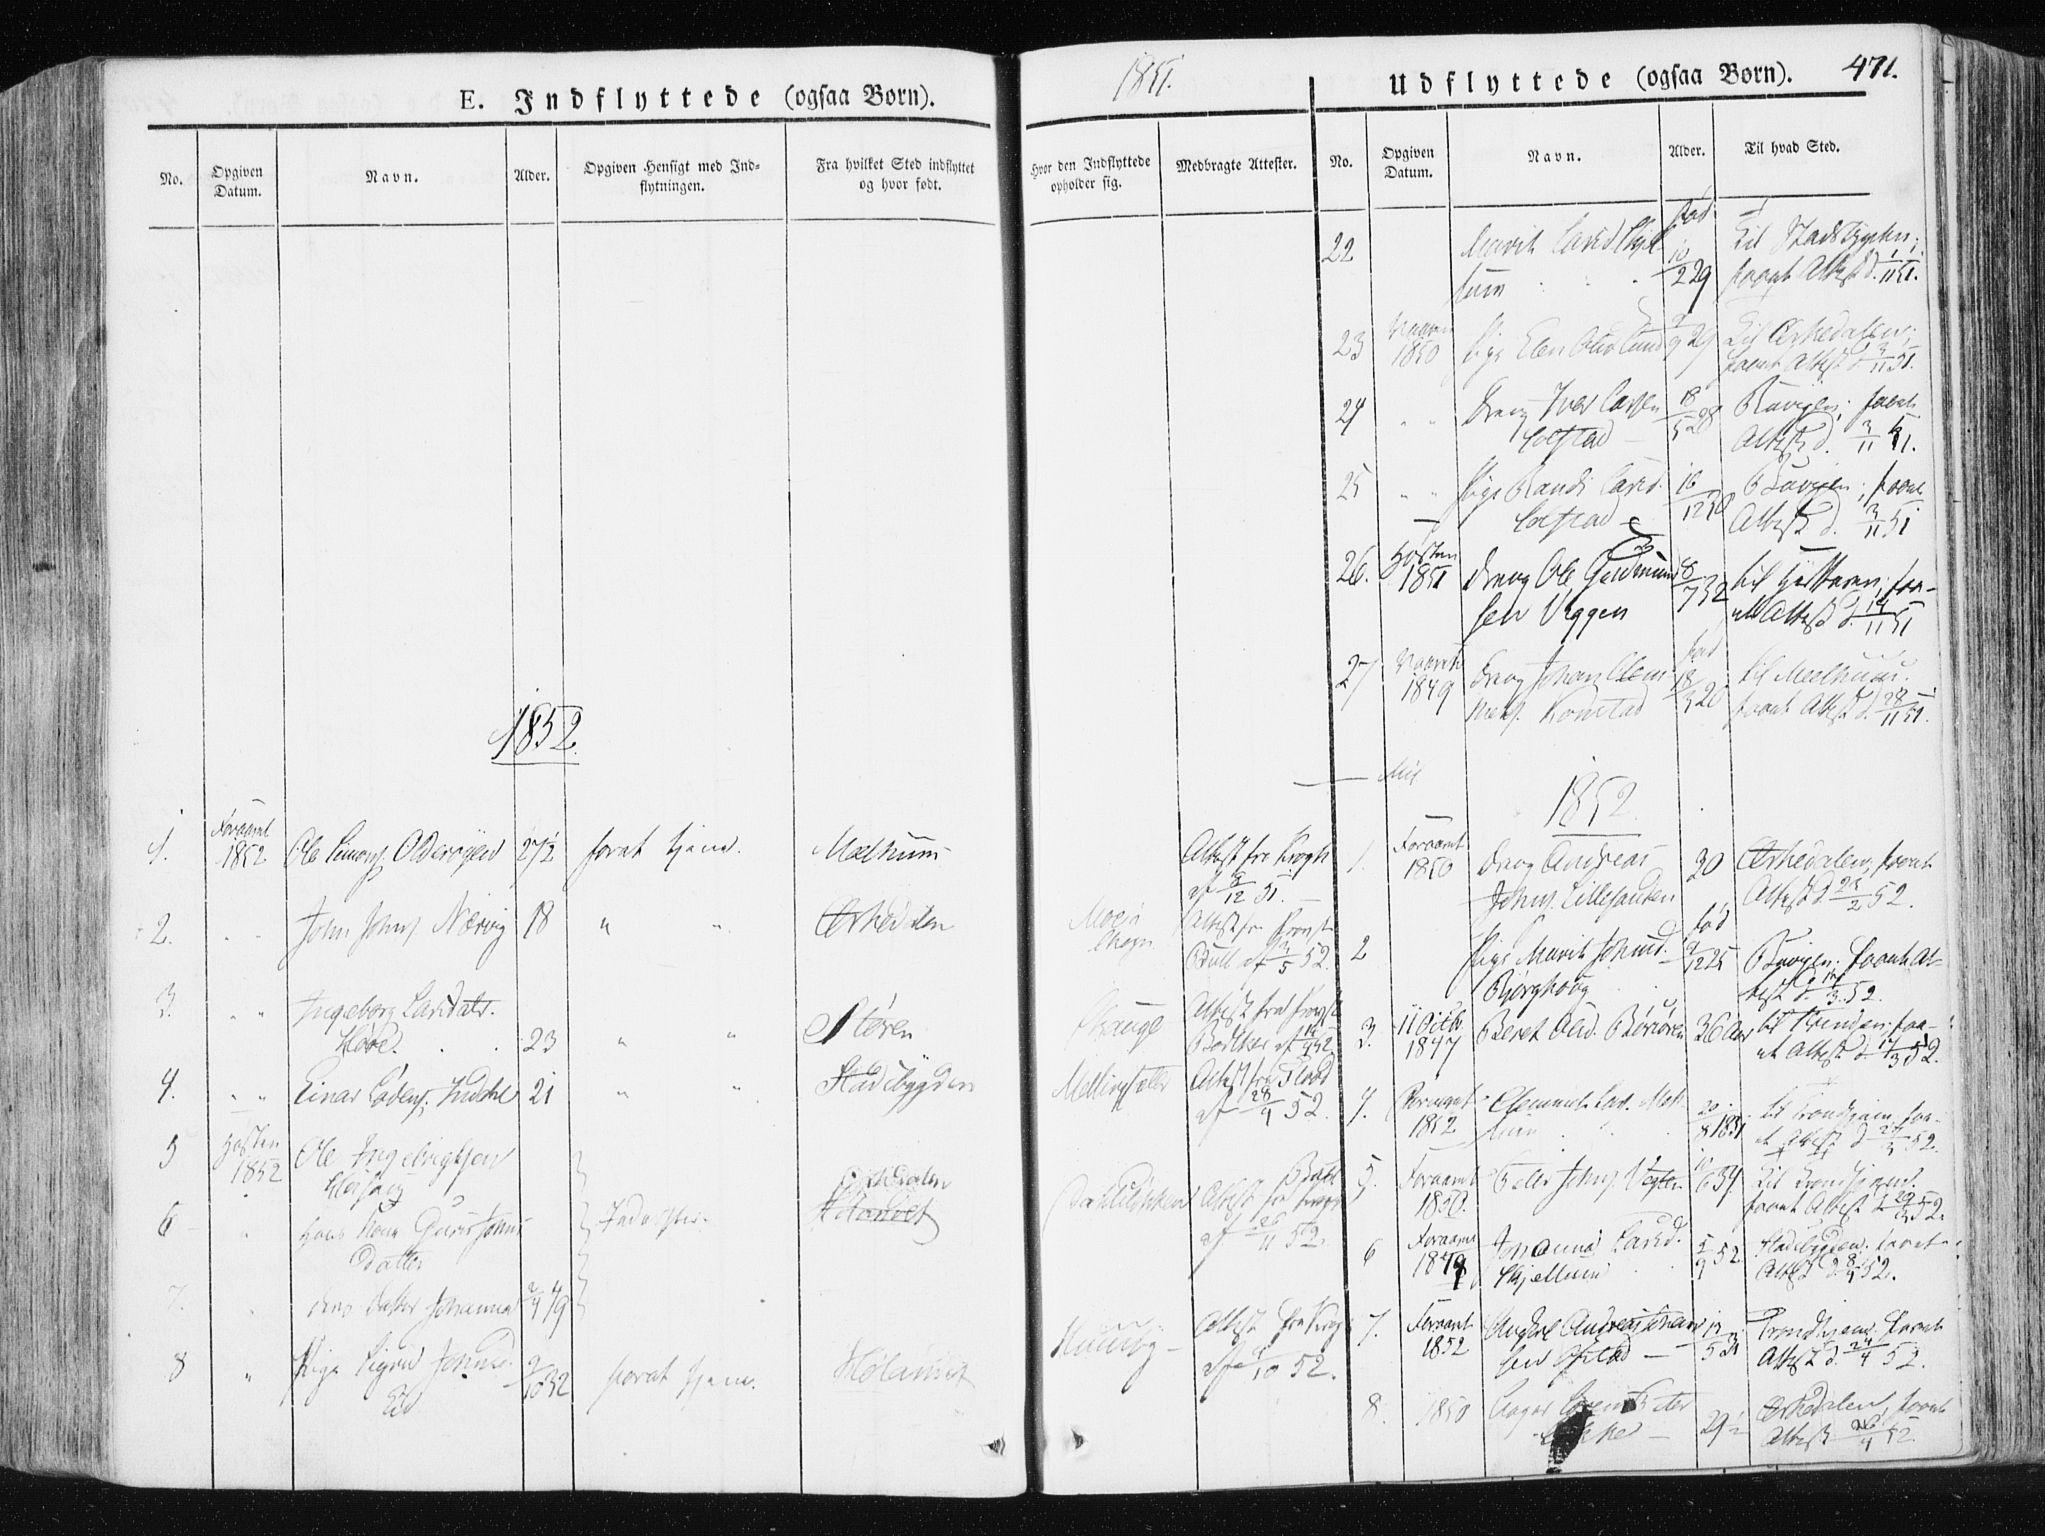 SAT, Ministerialprotokoller, klokkerbøker og fødselsregistre - Sør-Trøndelag, 665/L0771: Ministerialbok nr. 665A06, 1830-1856, s. 471